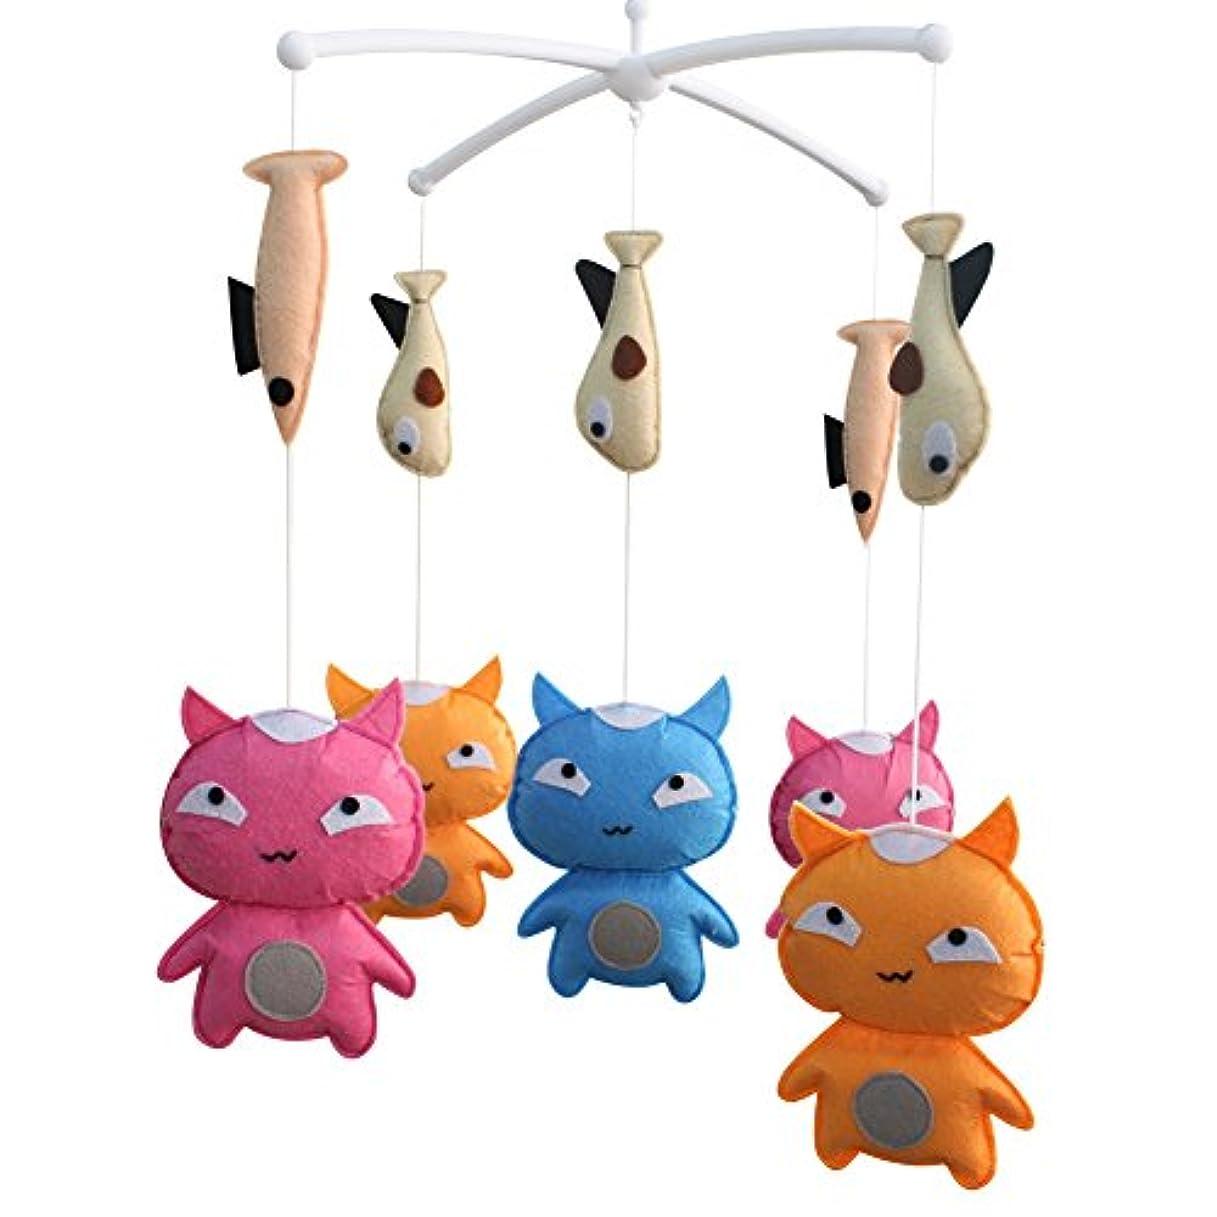 交じる文字通り順応性のある[面白い猫]ミュージカルベイビーモバイルナーサリーアニマルベイビーモバイルベビーベッド